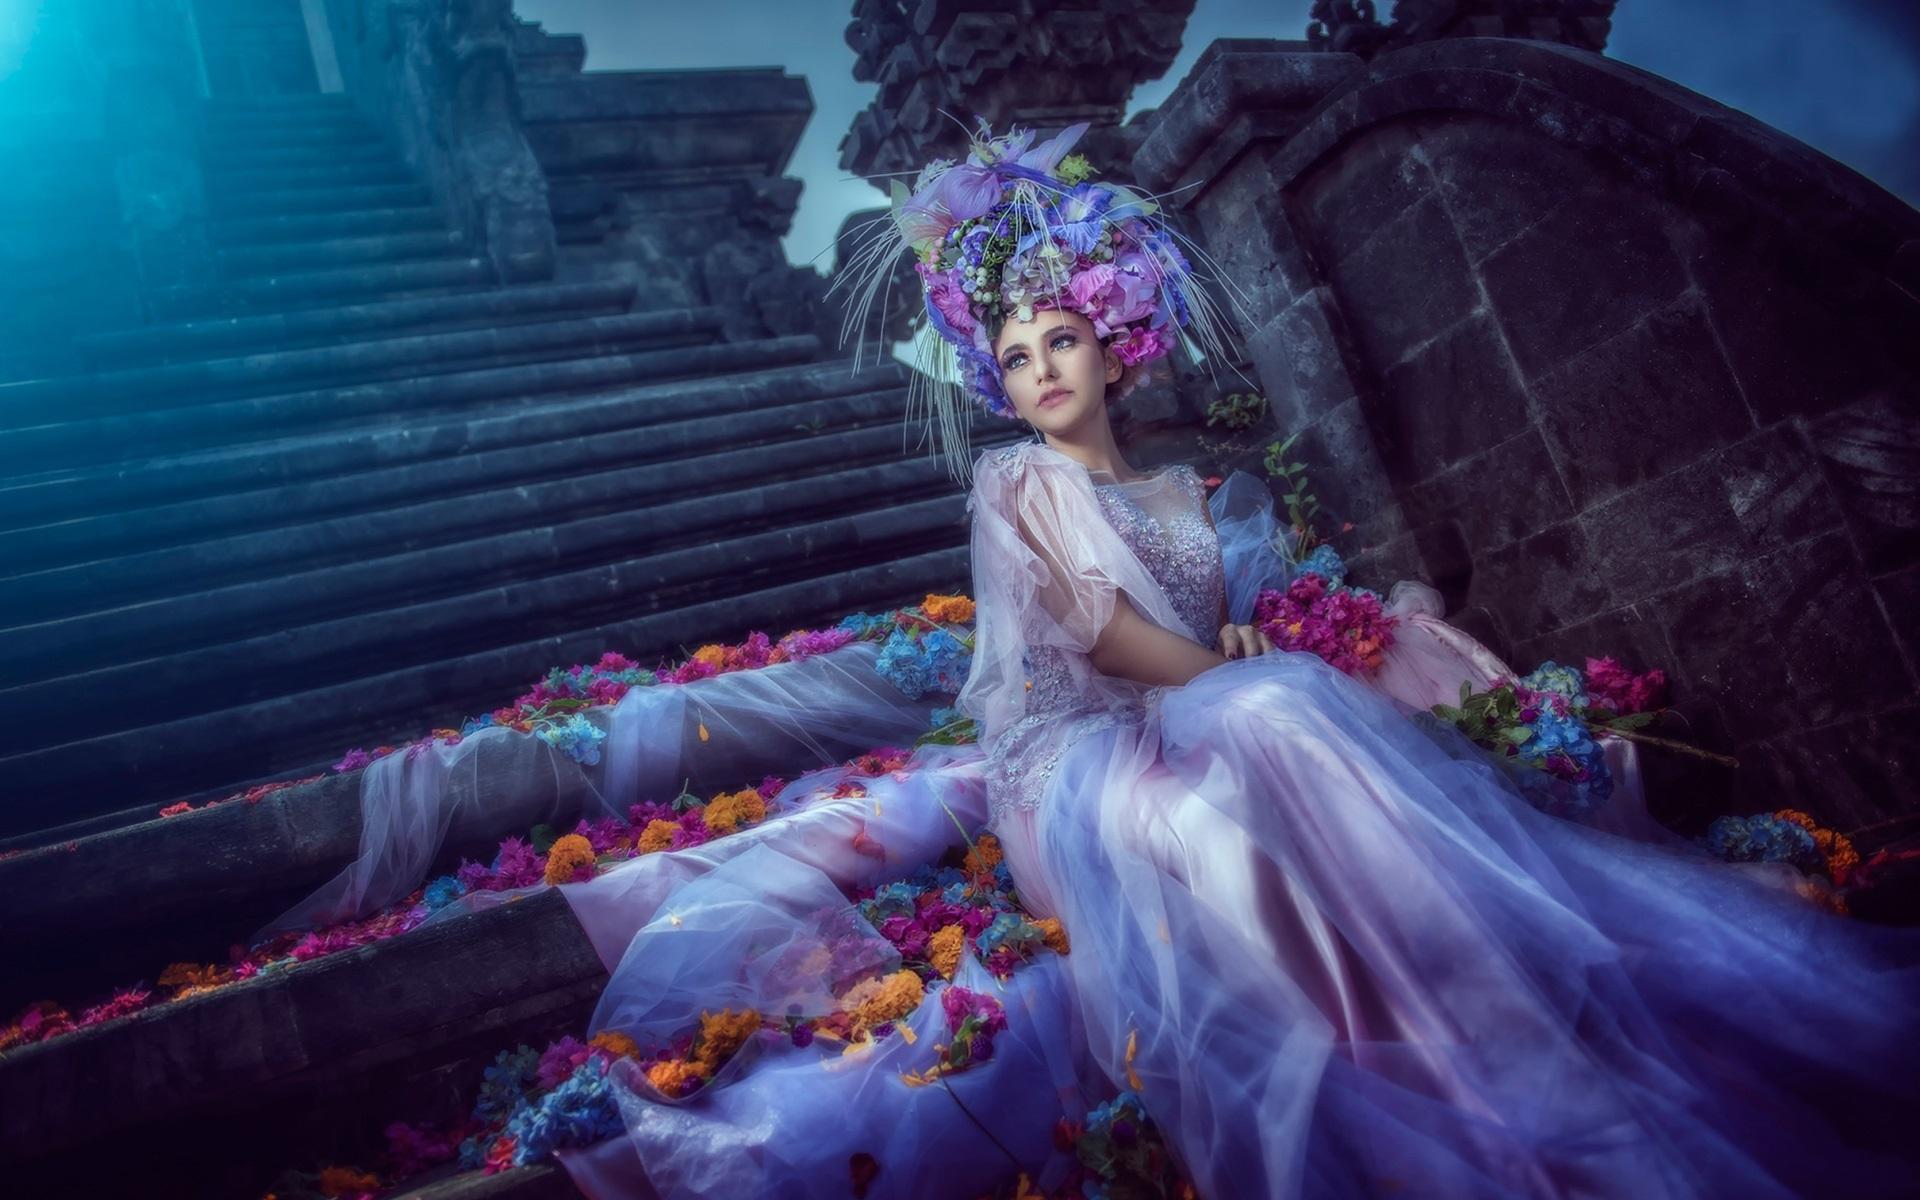 Fondos de pantalla Imágenes de arte, muchacha fantasía, novia ...